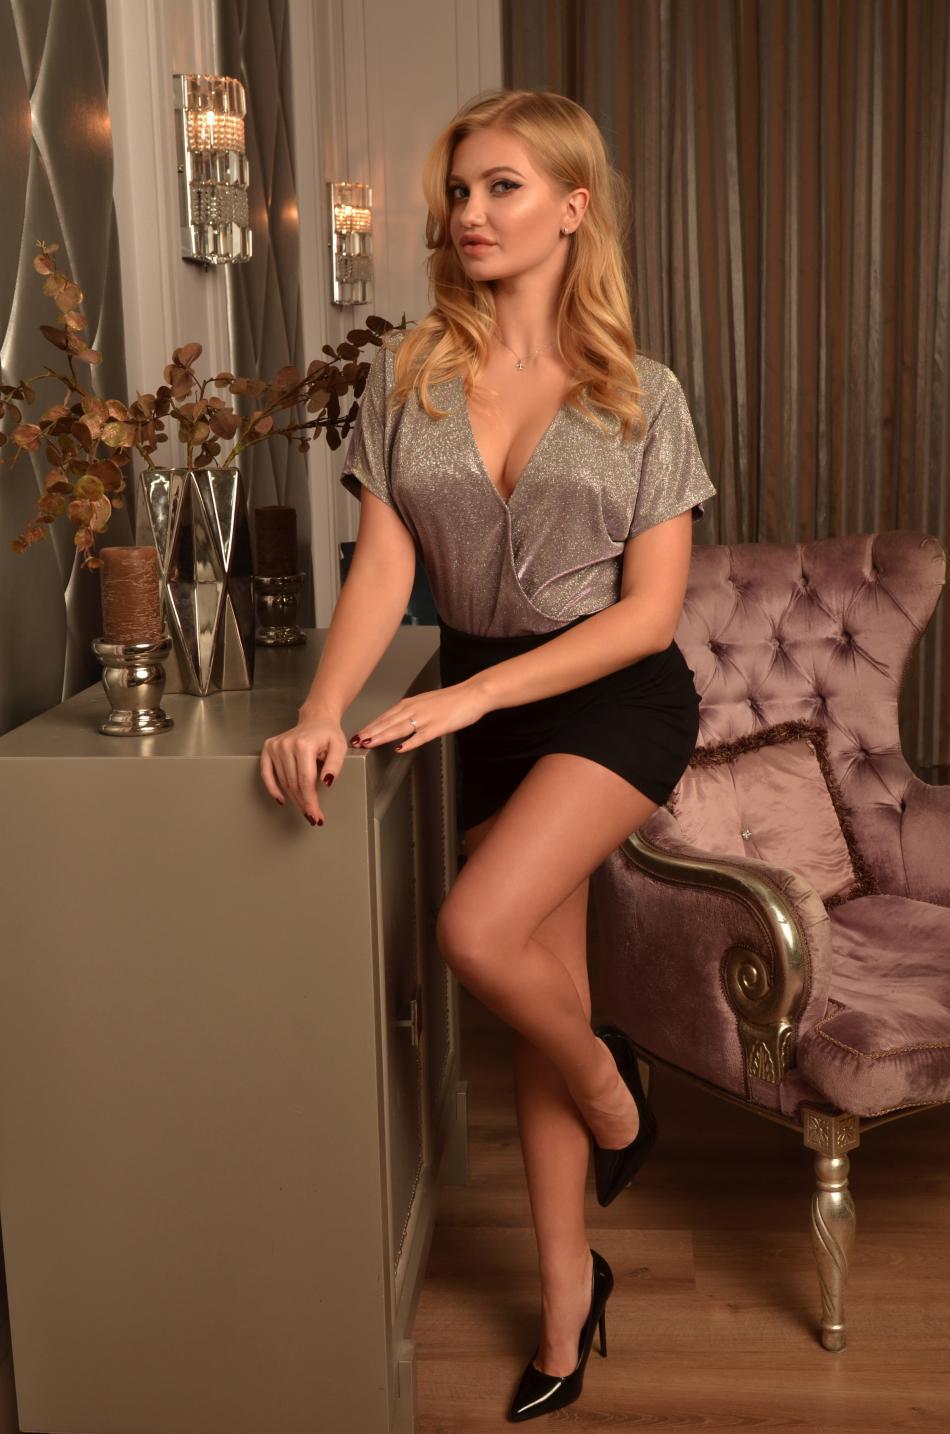 Ladyfordaddy.com Violet Escort Girl In New York 30111231 - 8 8